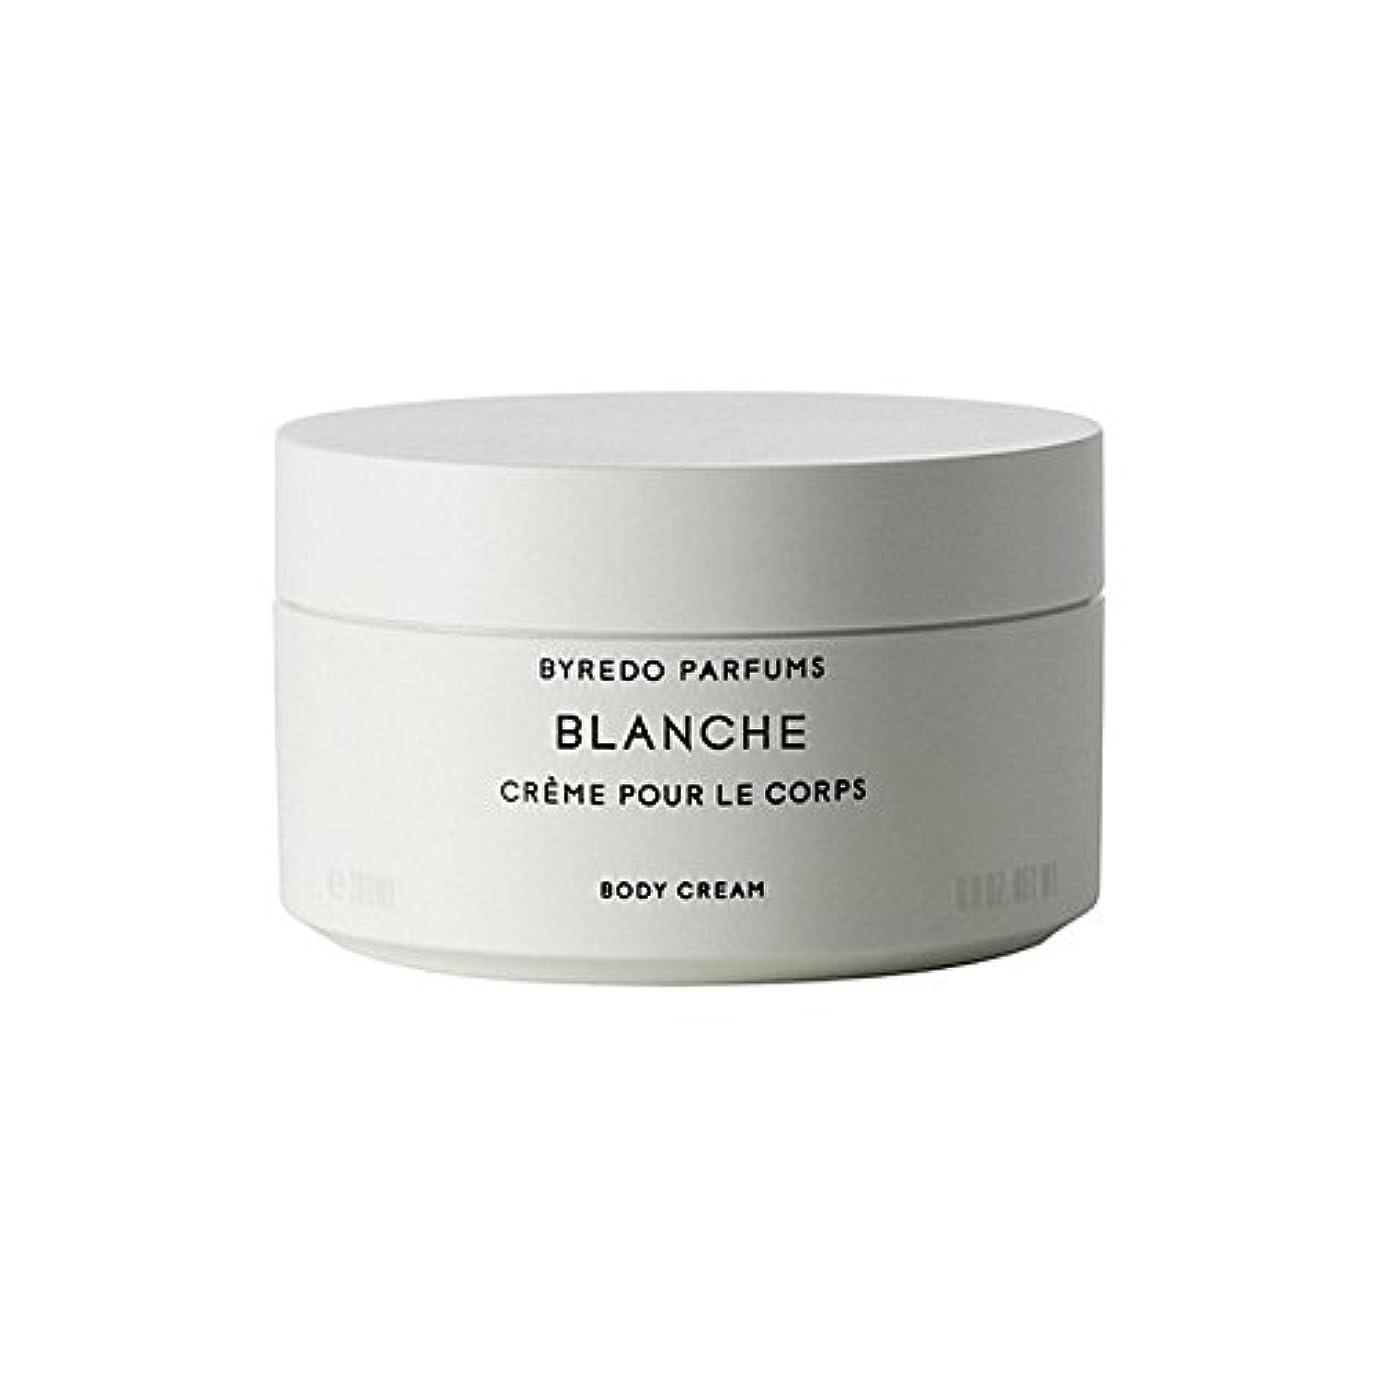 用心深い歴史家比較的Byredo Blanche Body Cream 200ml (Pack of 6) - ブランシュボディクリーム200ミリリットル x6 [並行輸入品]